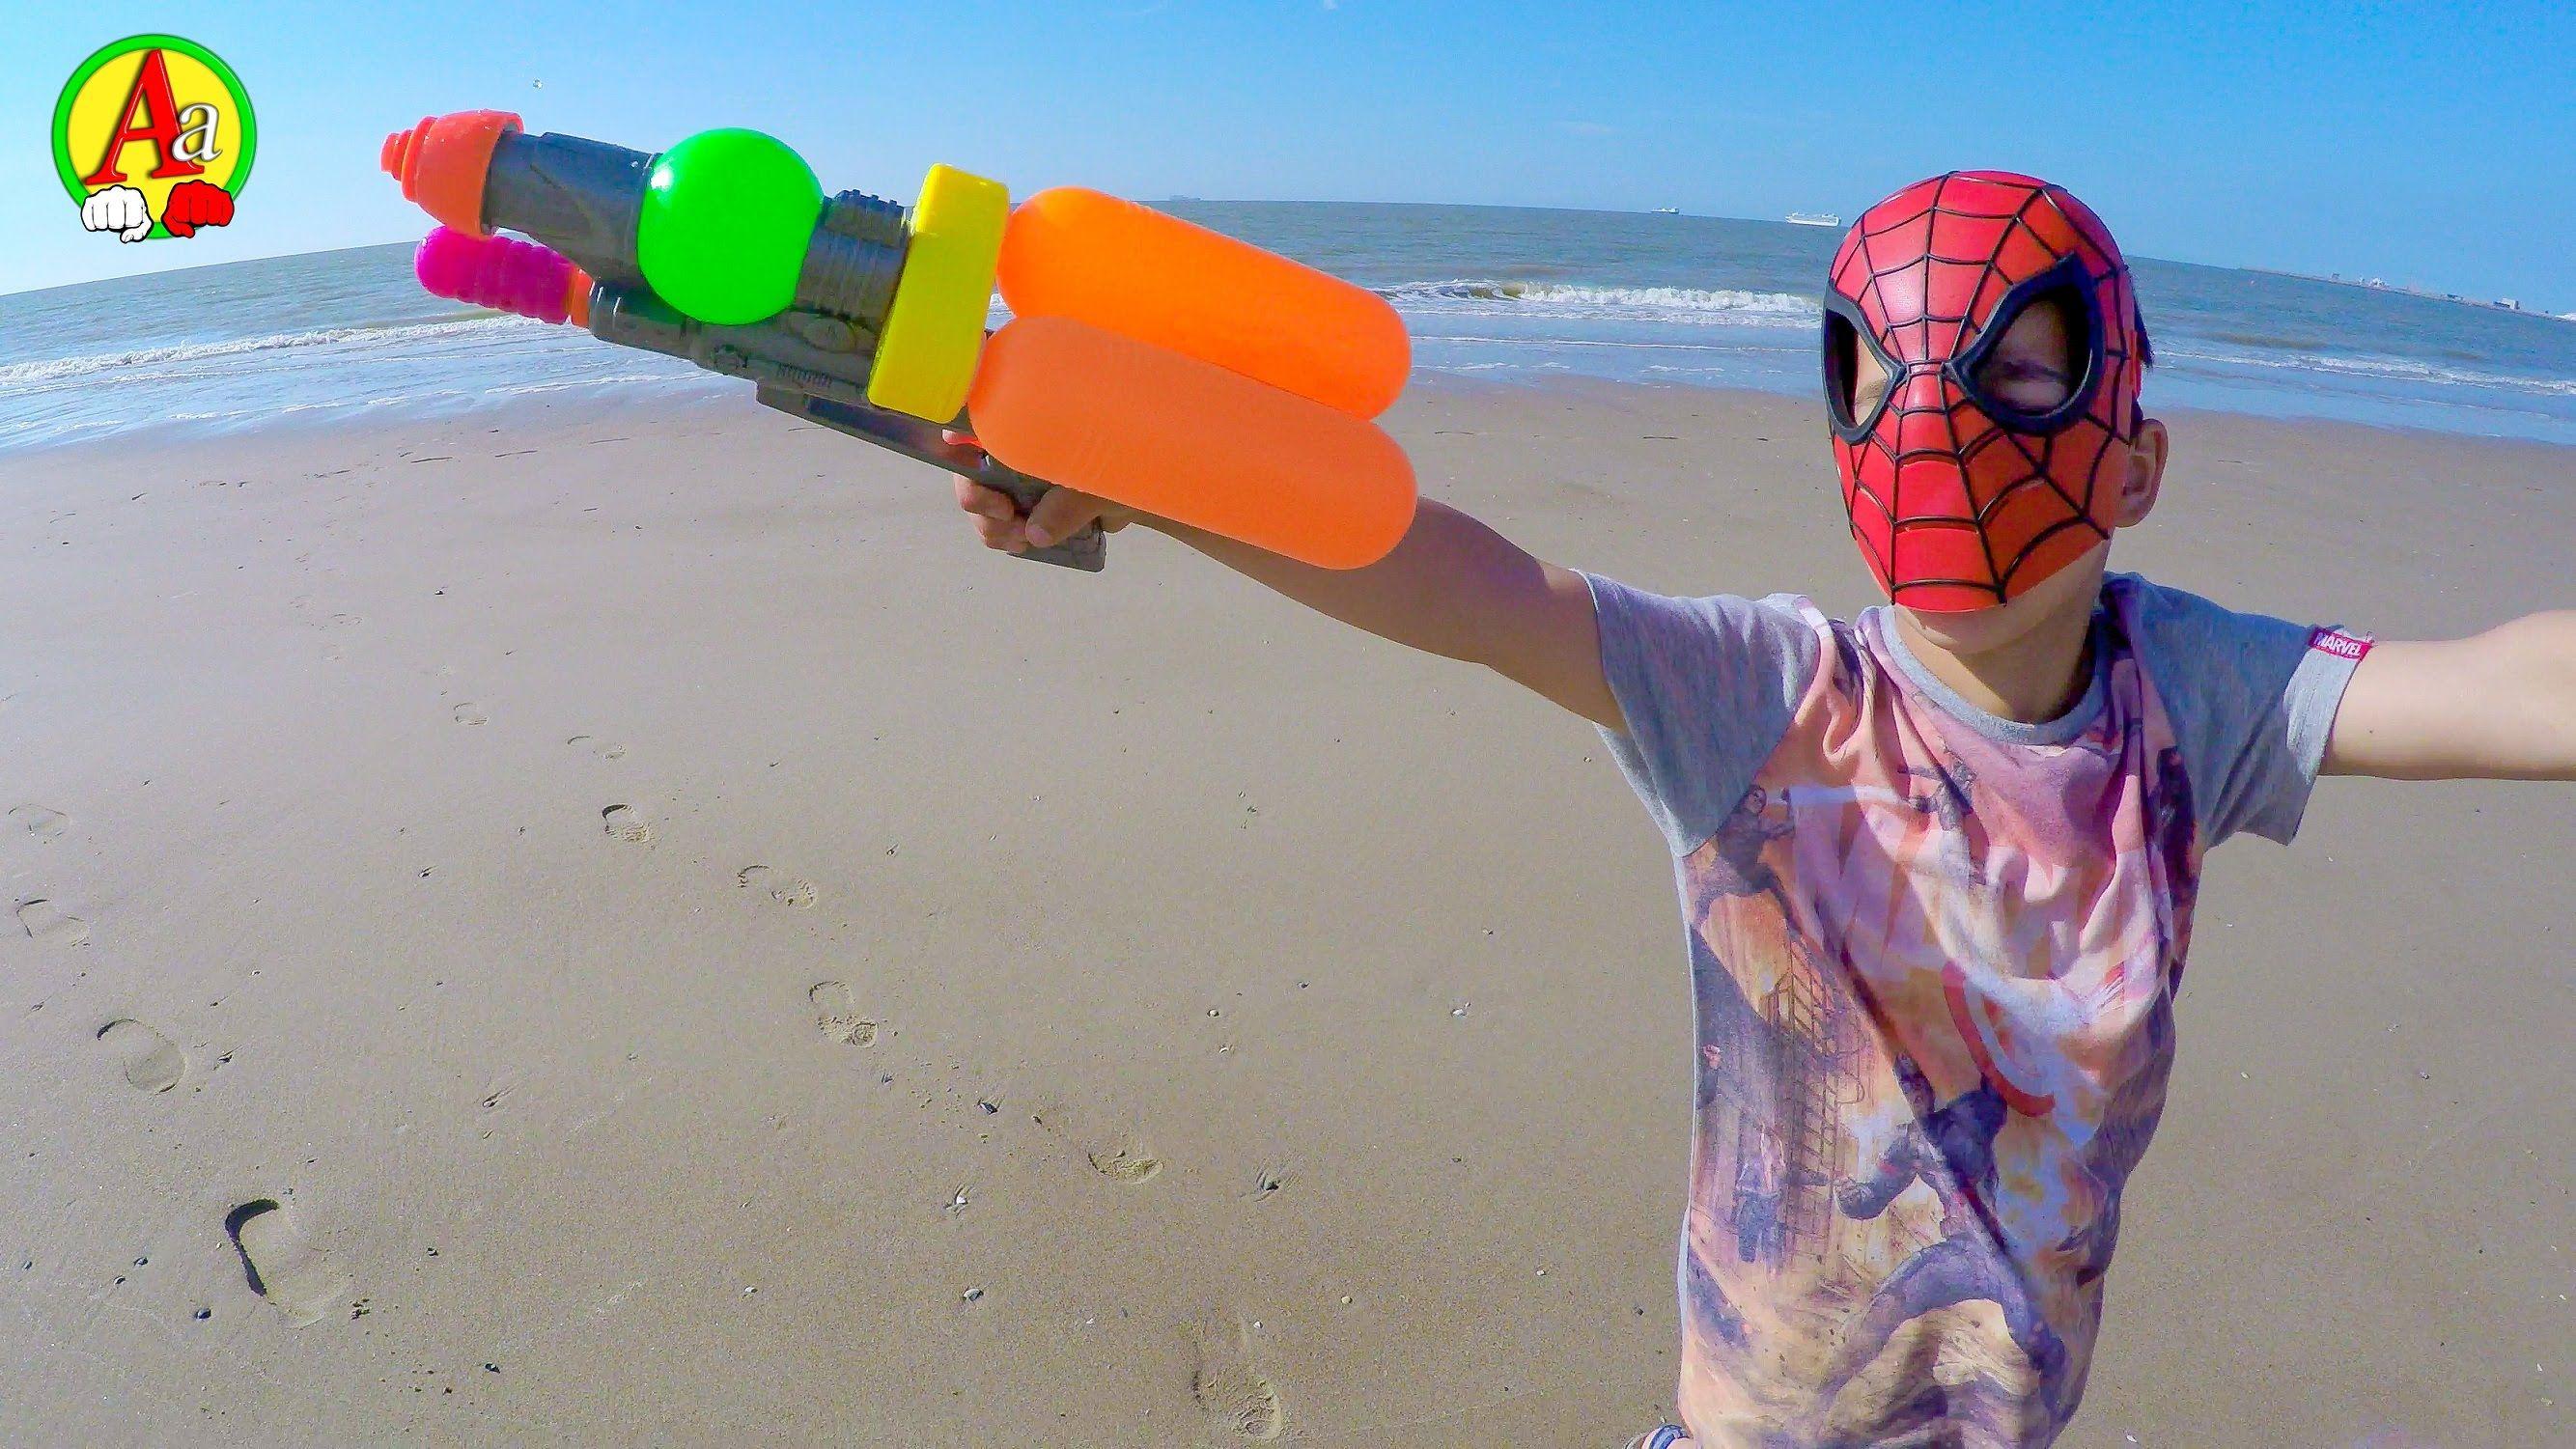 Маленький Человек Паук Играет На Пляже Видео для Детей ...